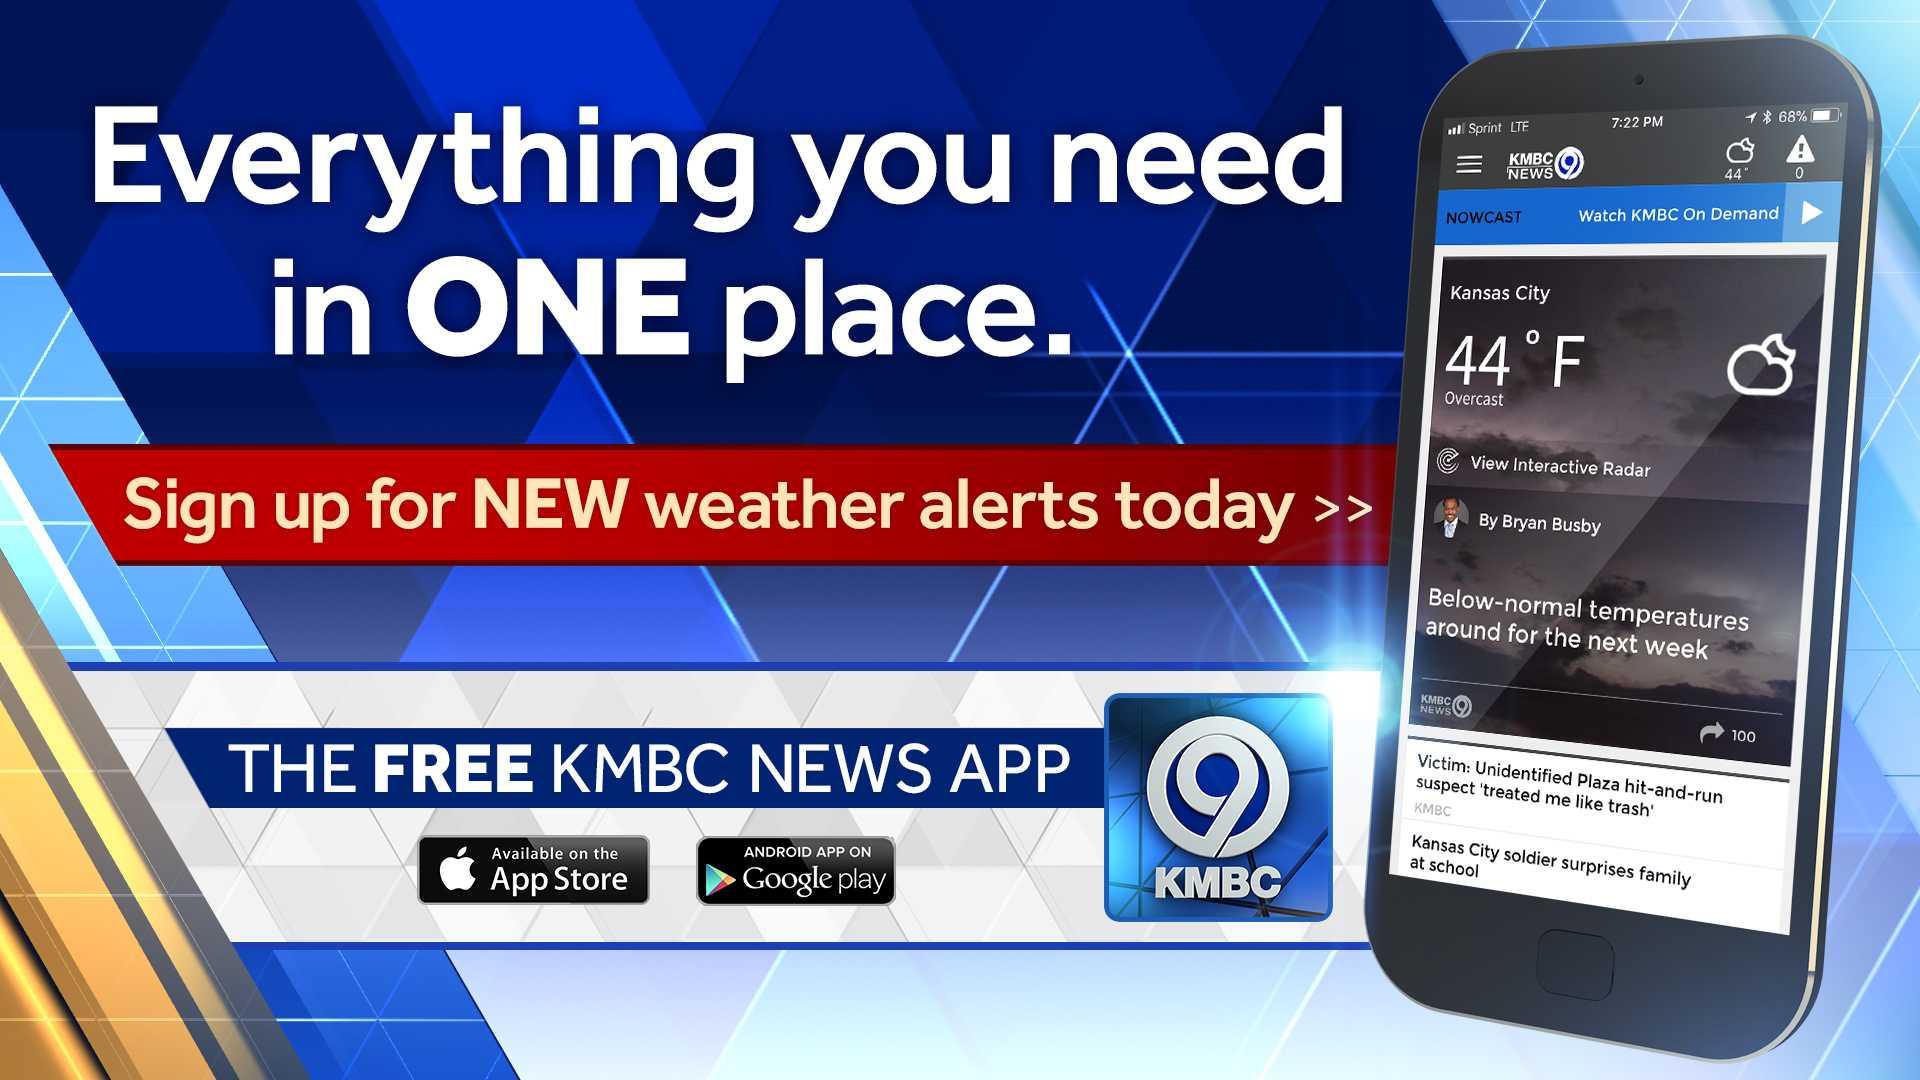 KMBC 9 News App